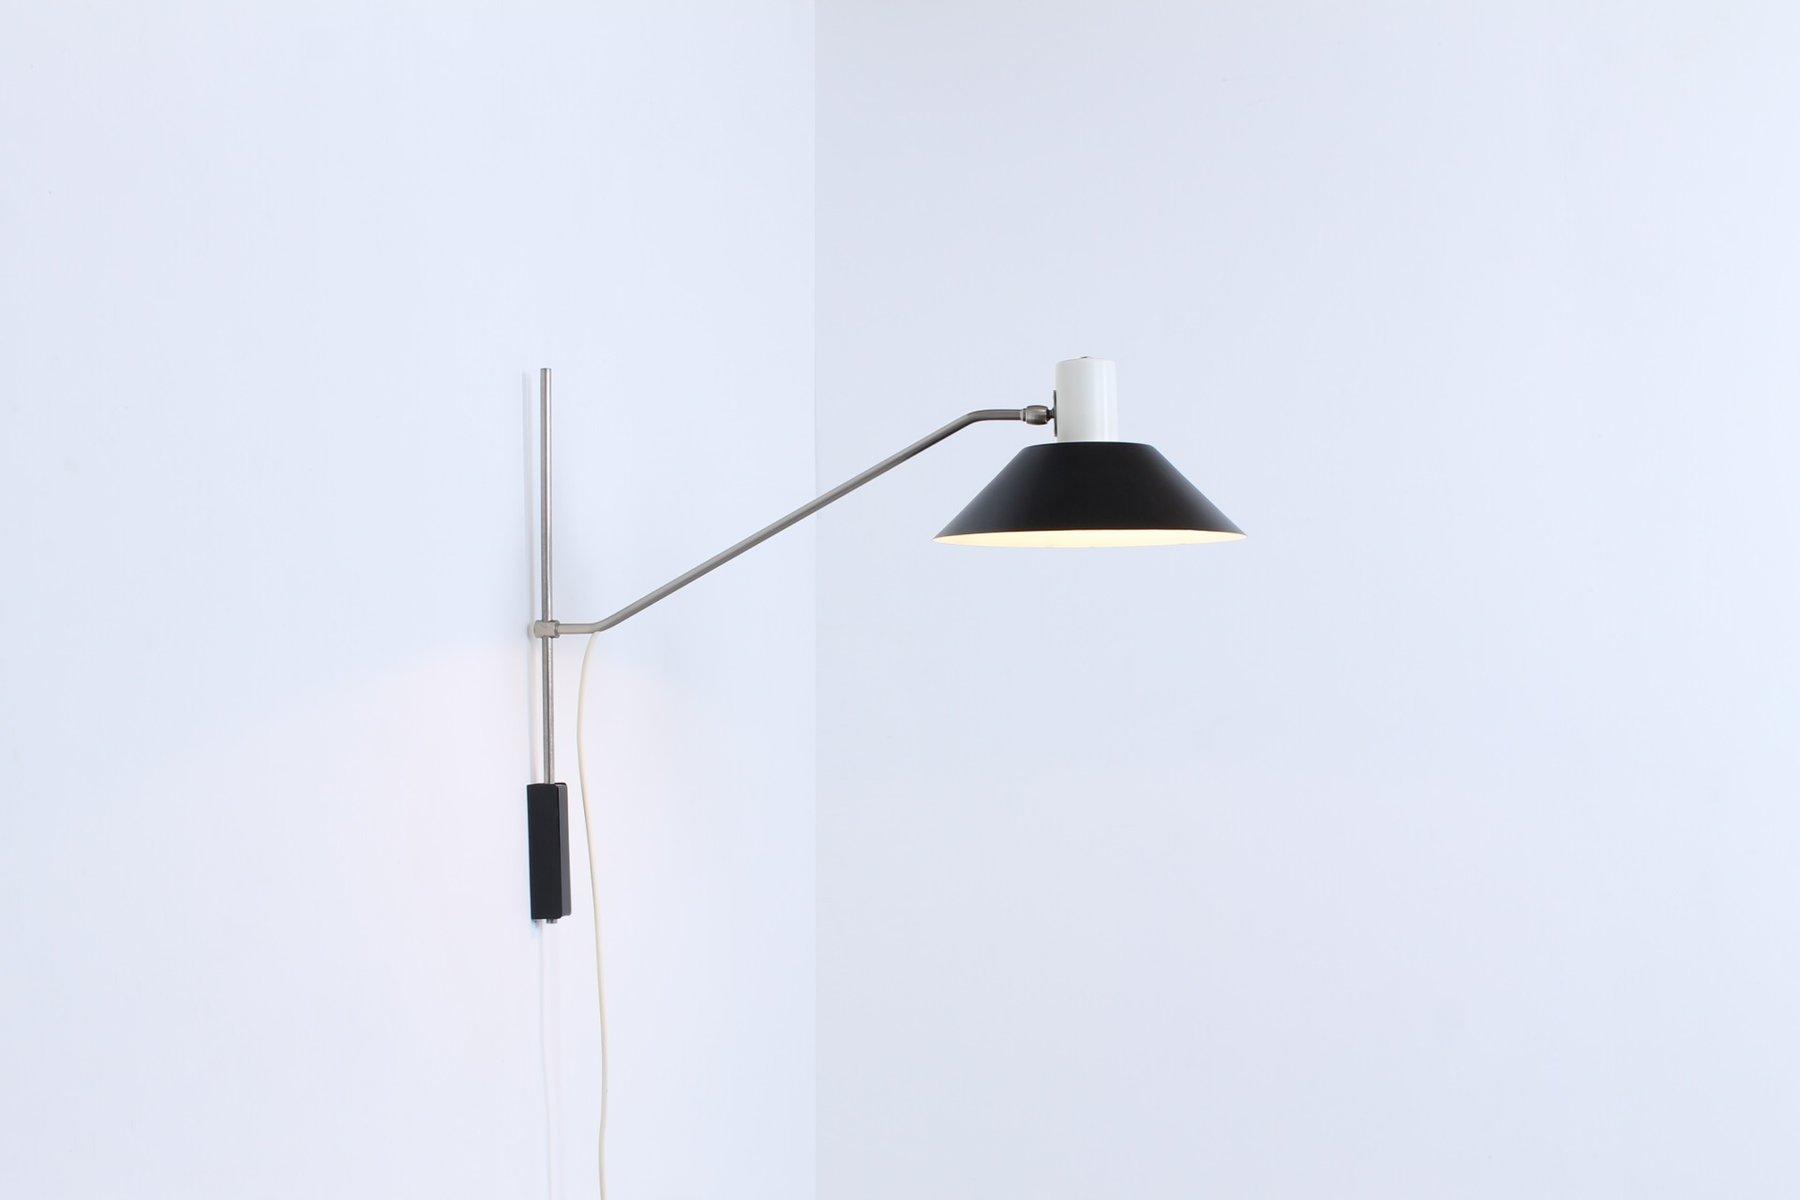 Verstellbare No. 7078 Wandlampe von J. J. M. Hoogervorst für Anvia, 19...